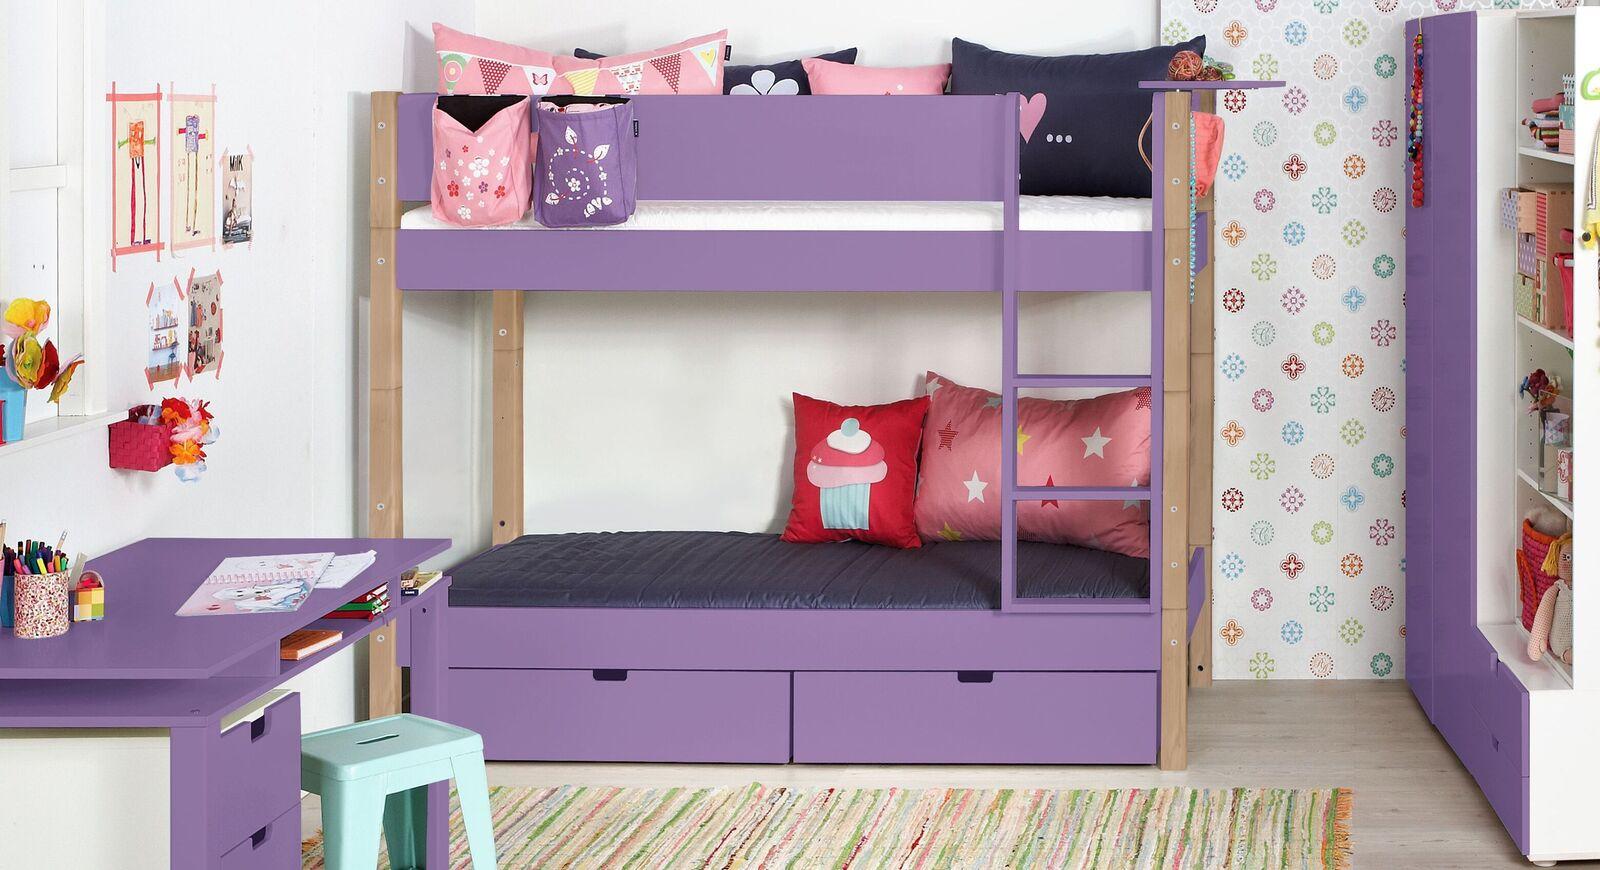 Violettes Etagenbett Kids Town Color mit Buchenpfosten